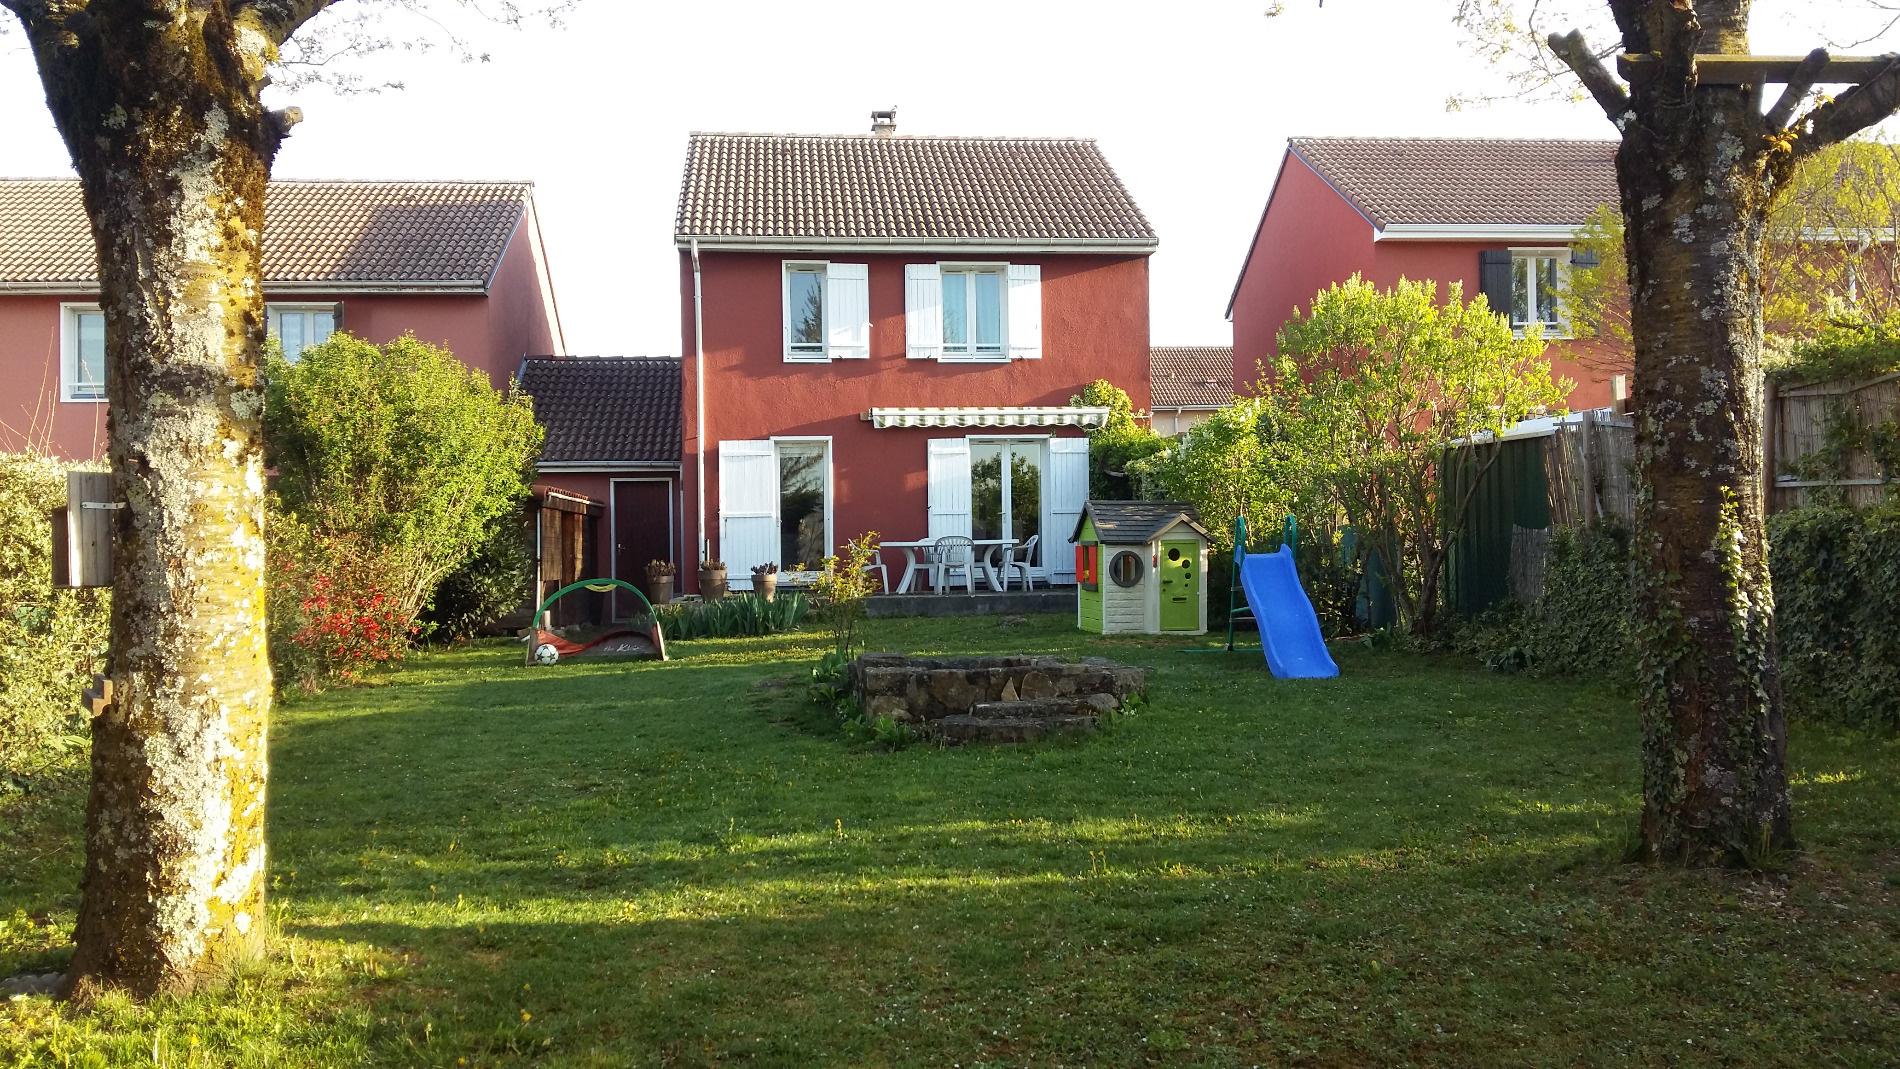 Annonce vente maison l 39 isle d 39 abeau 38080 90 m 189 for Vente maison l